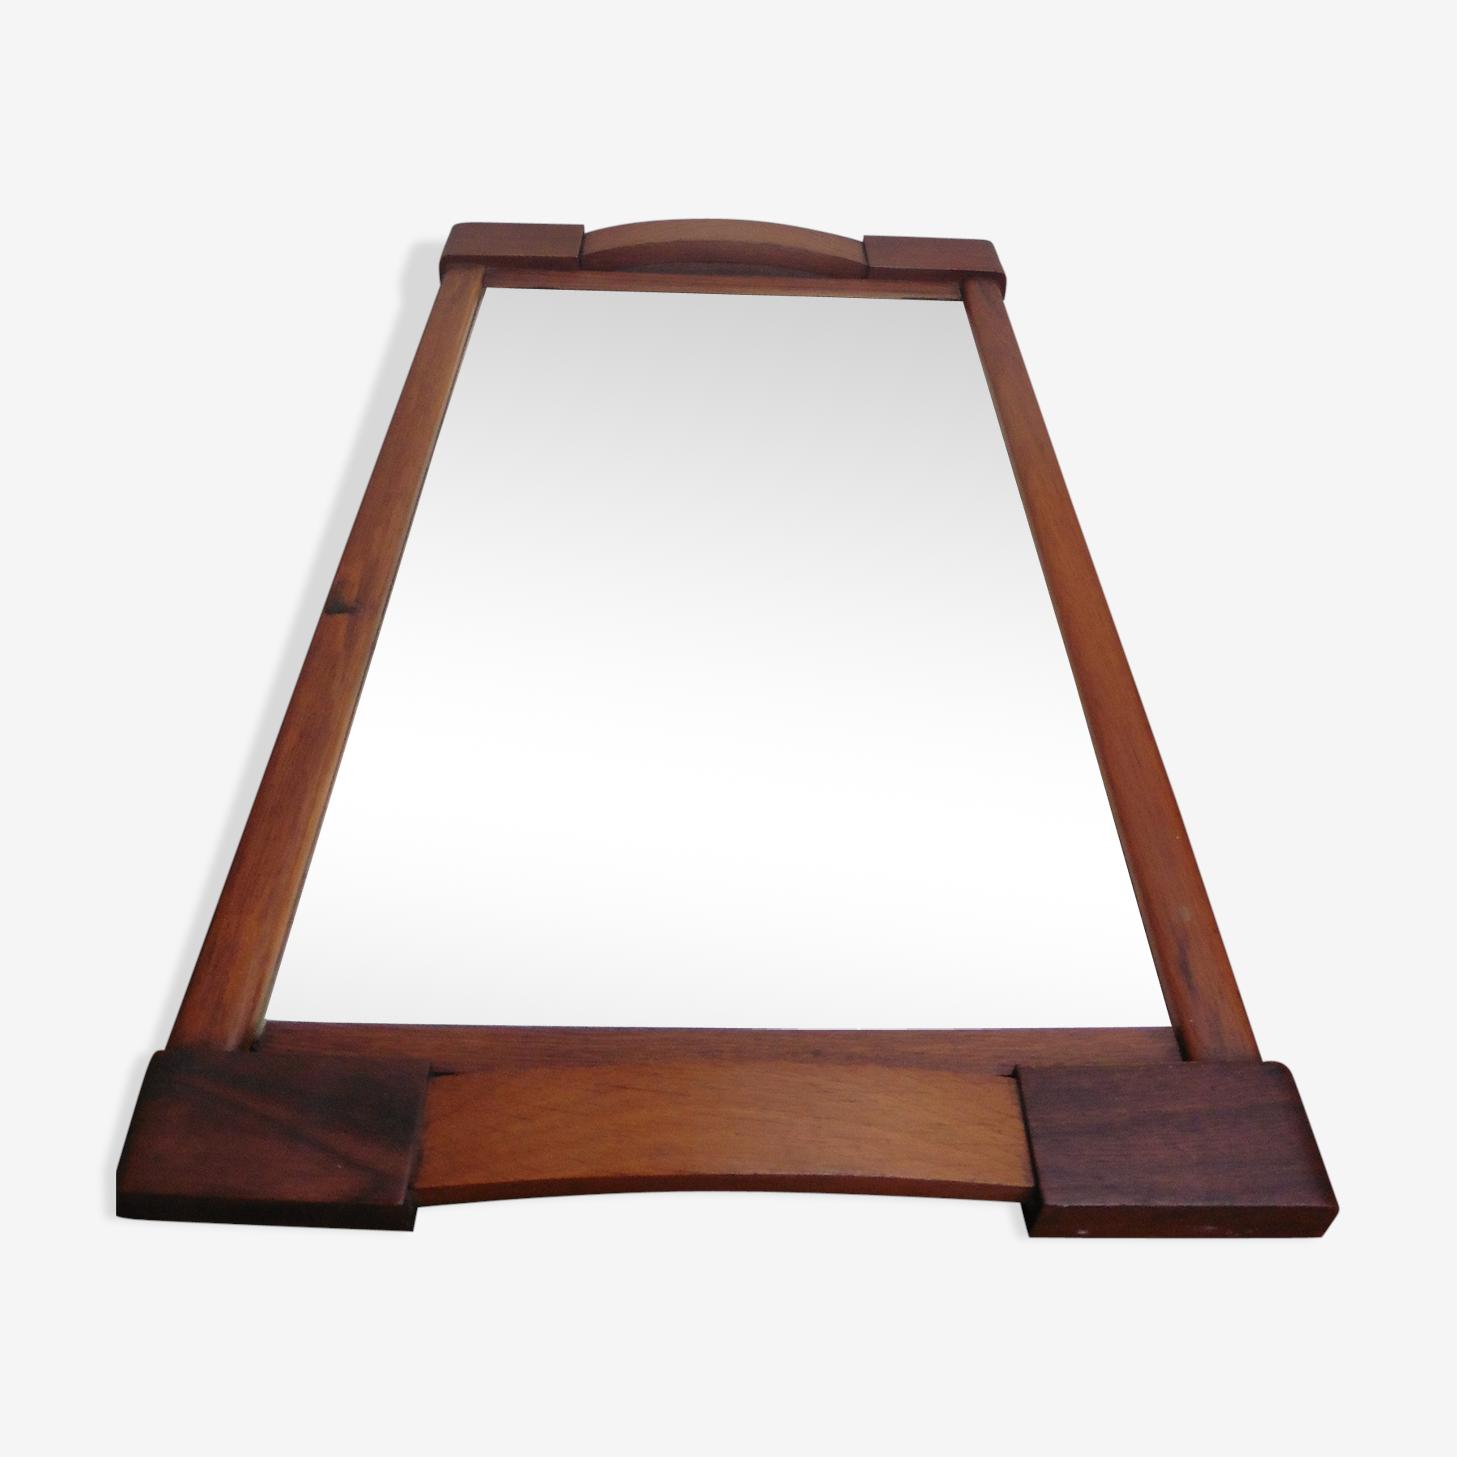 Tray mirror wood